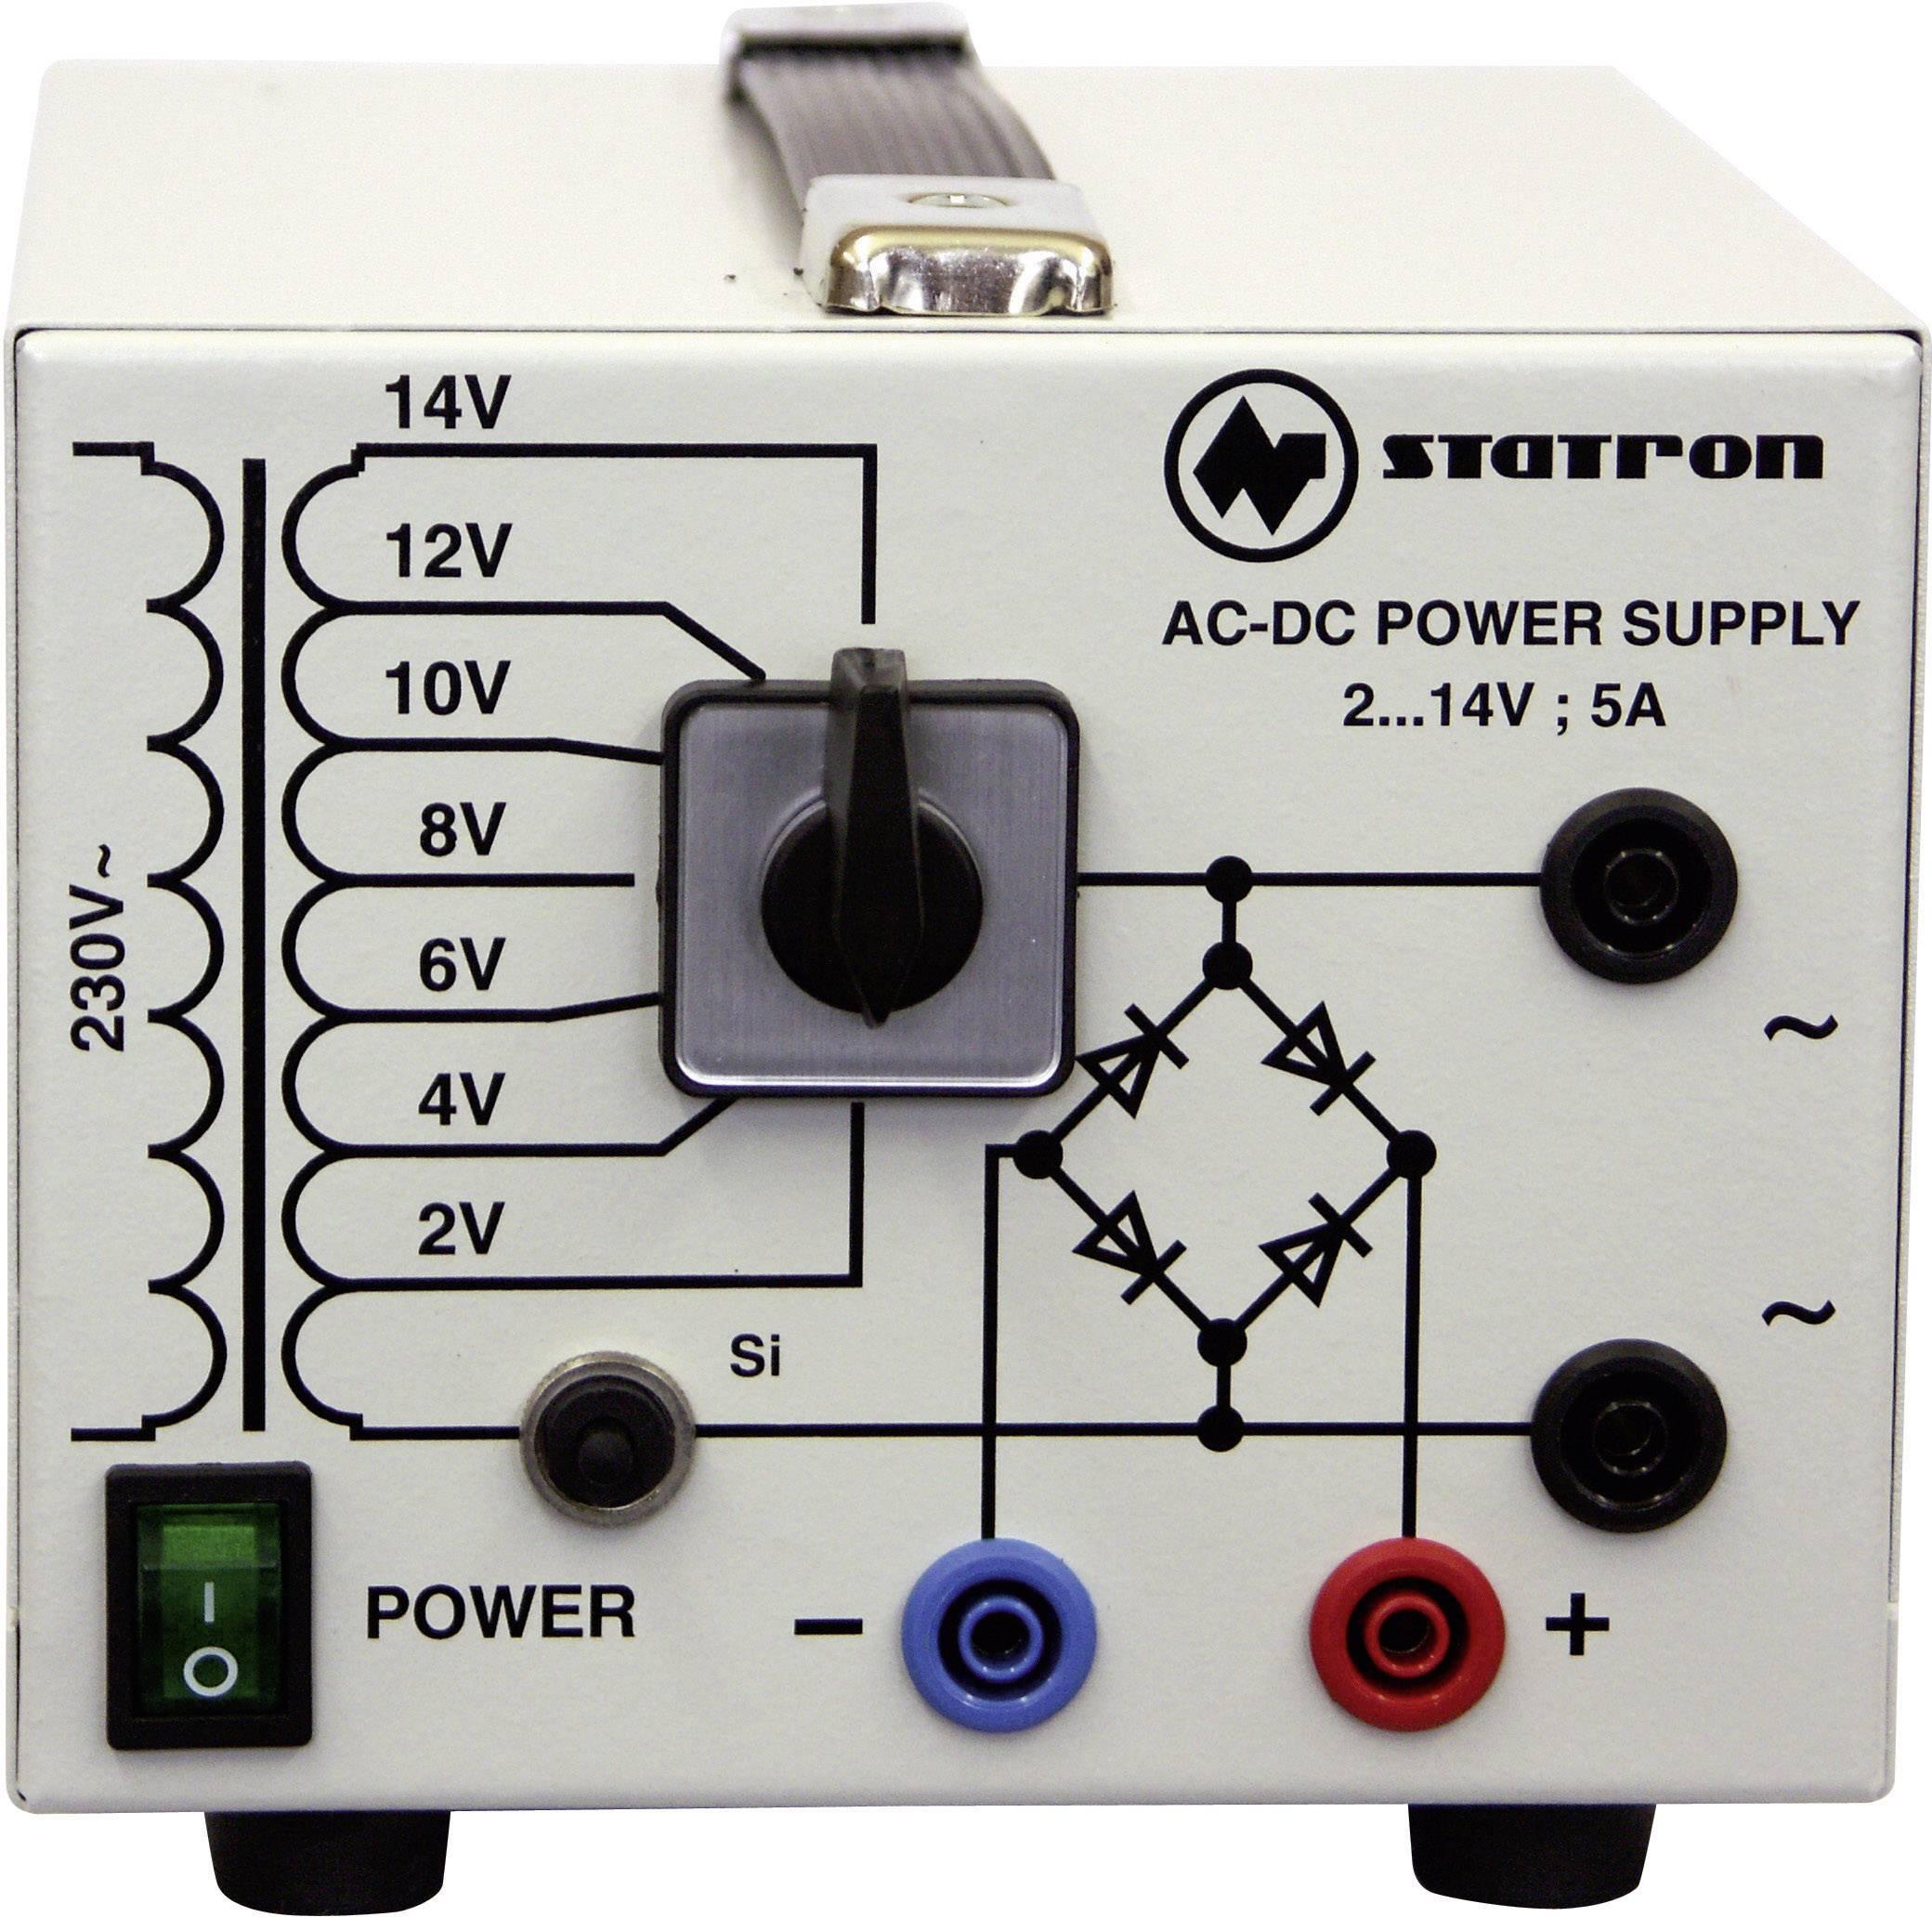 Univerzální laboratorní zdroj Statron 5359.3, 2 - 14 V, 0 - 5 A